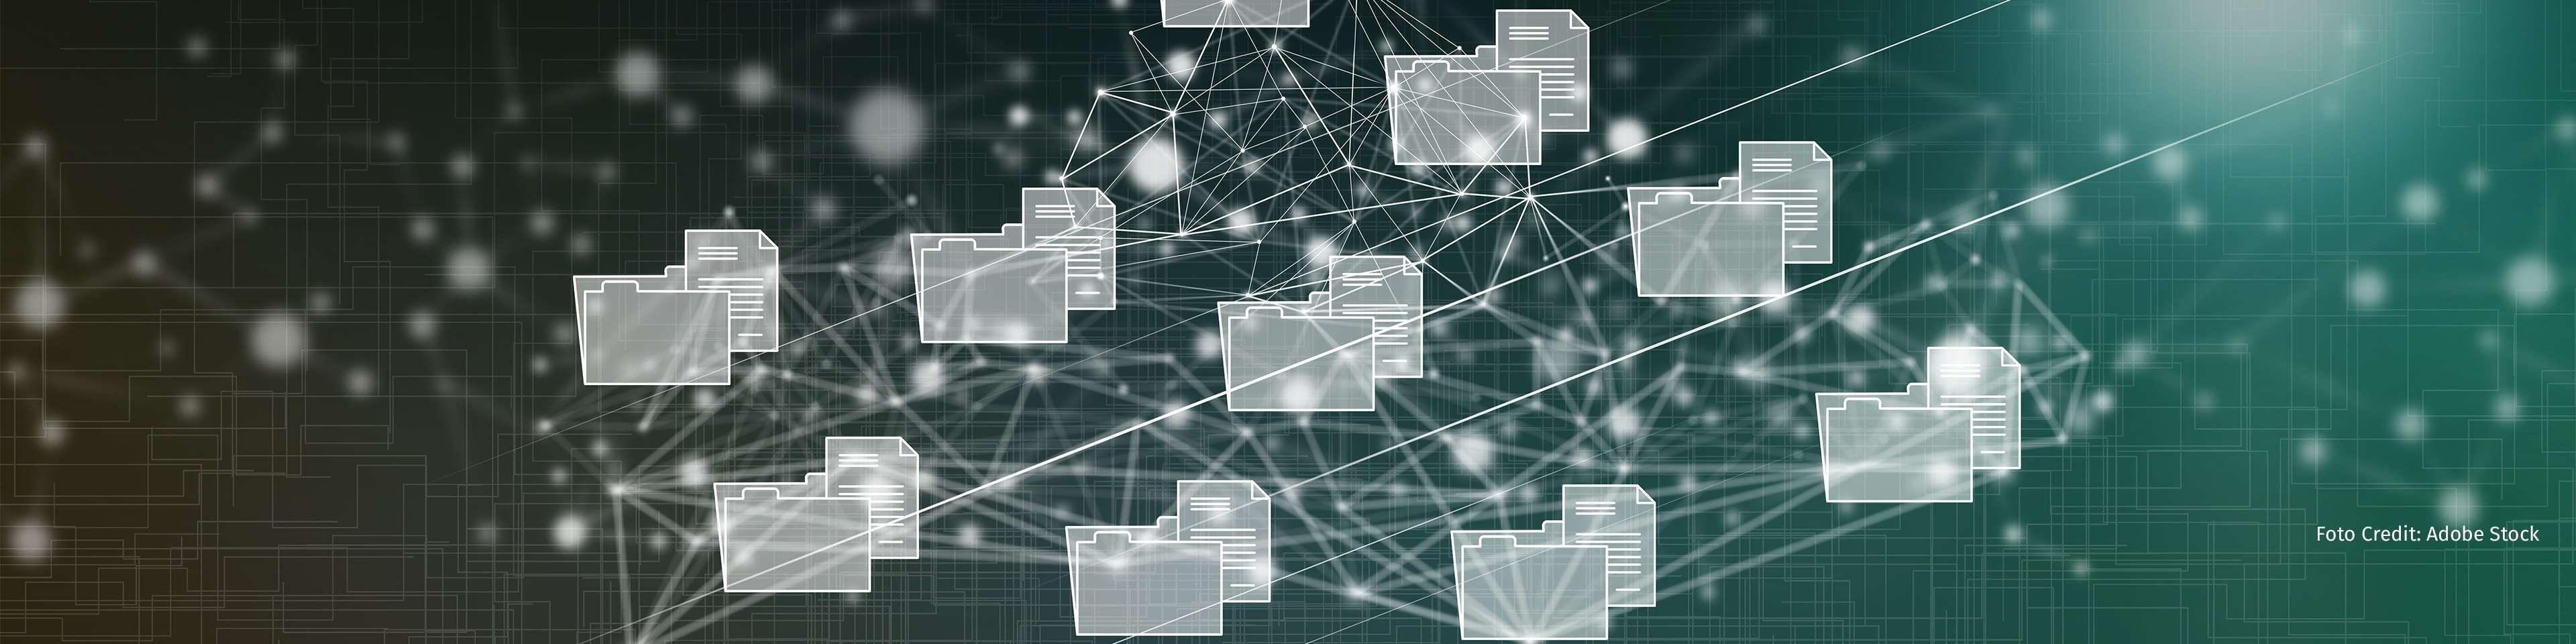 Die Zukunft der juristischen Datenbankrecherche